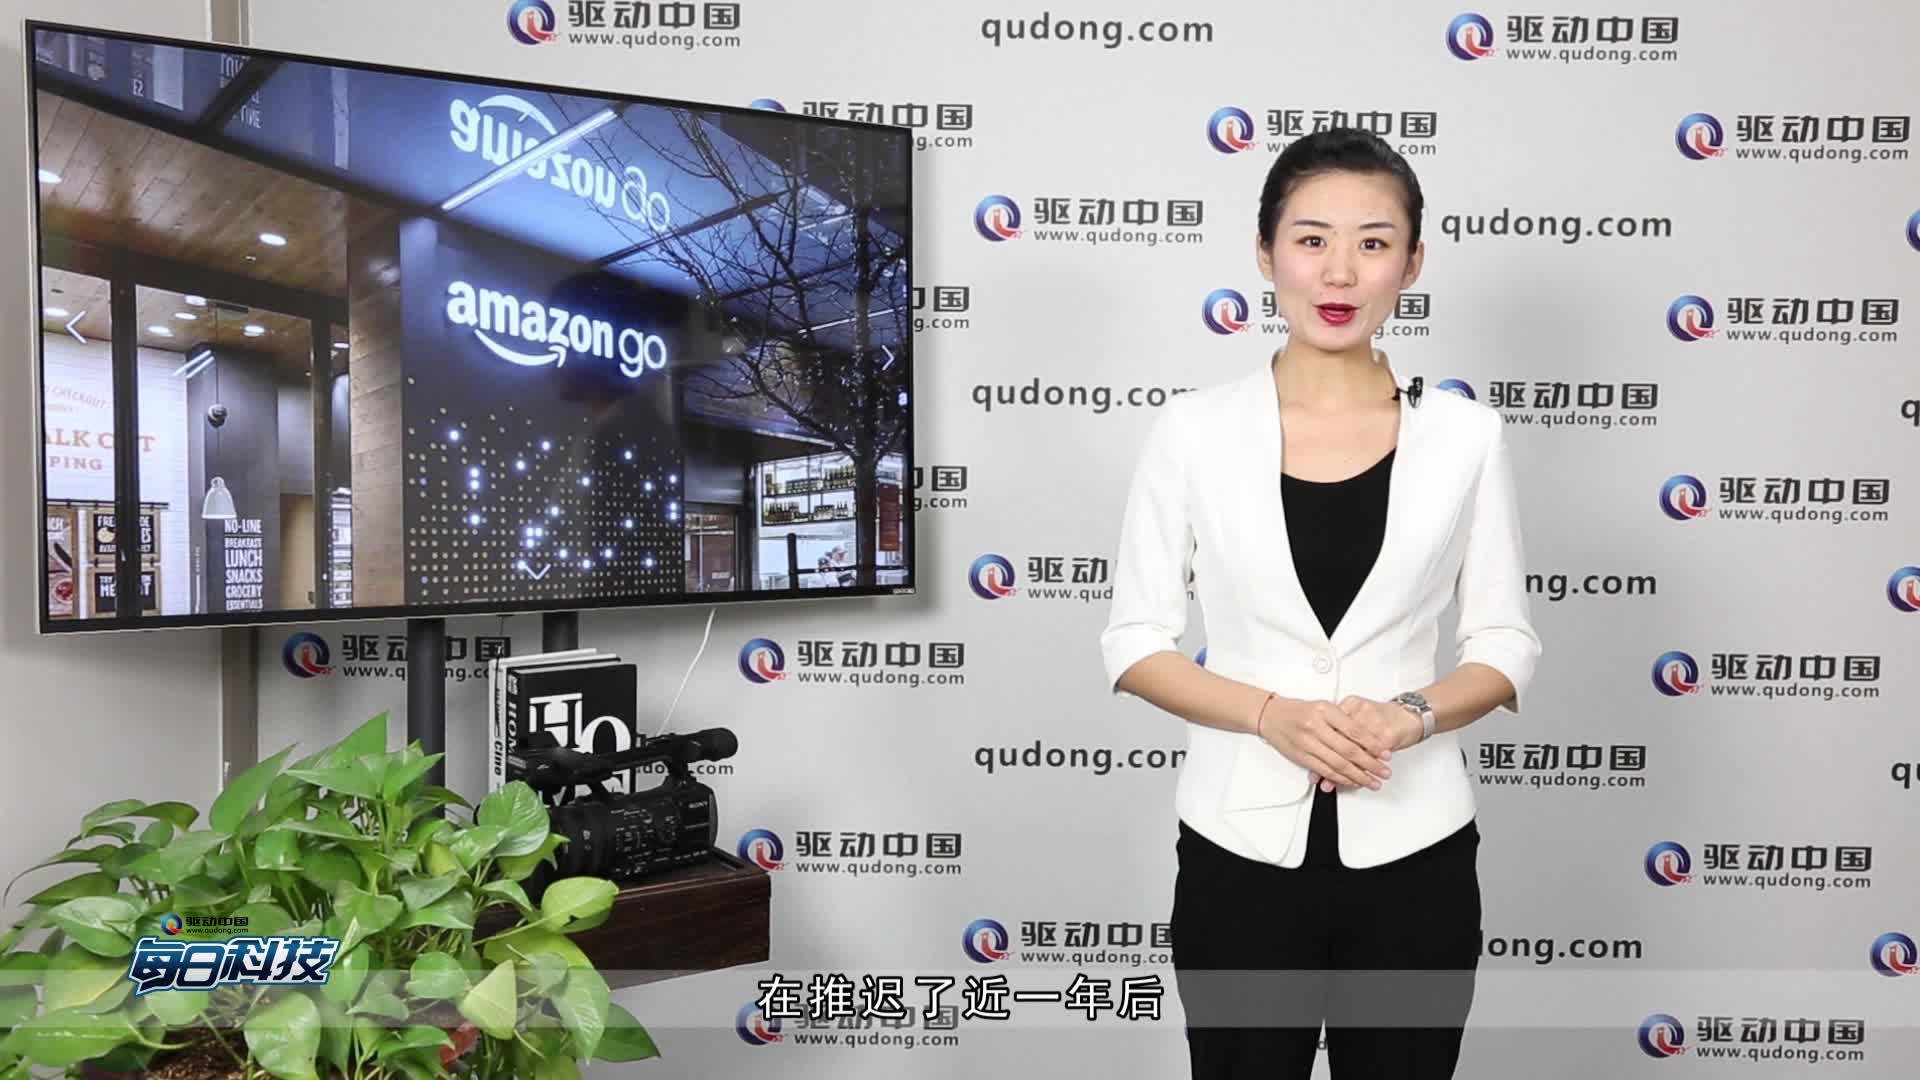 每日科技 亚马逊无人店Amazon Go正式开业  罗永浩曝